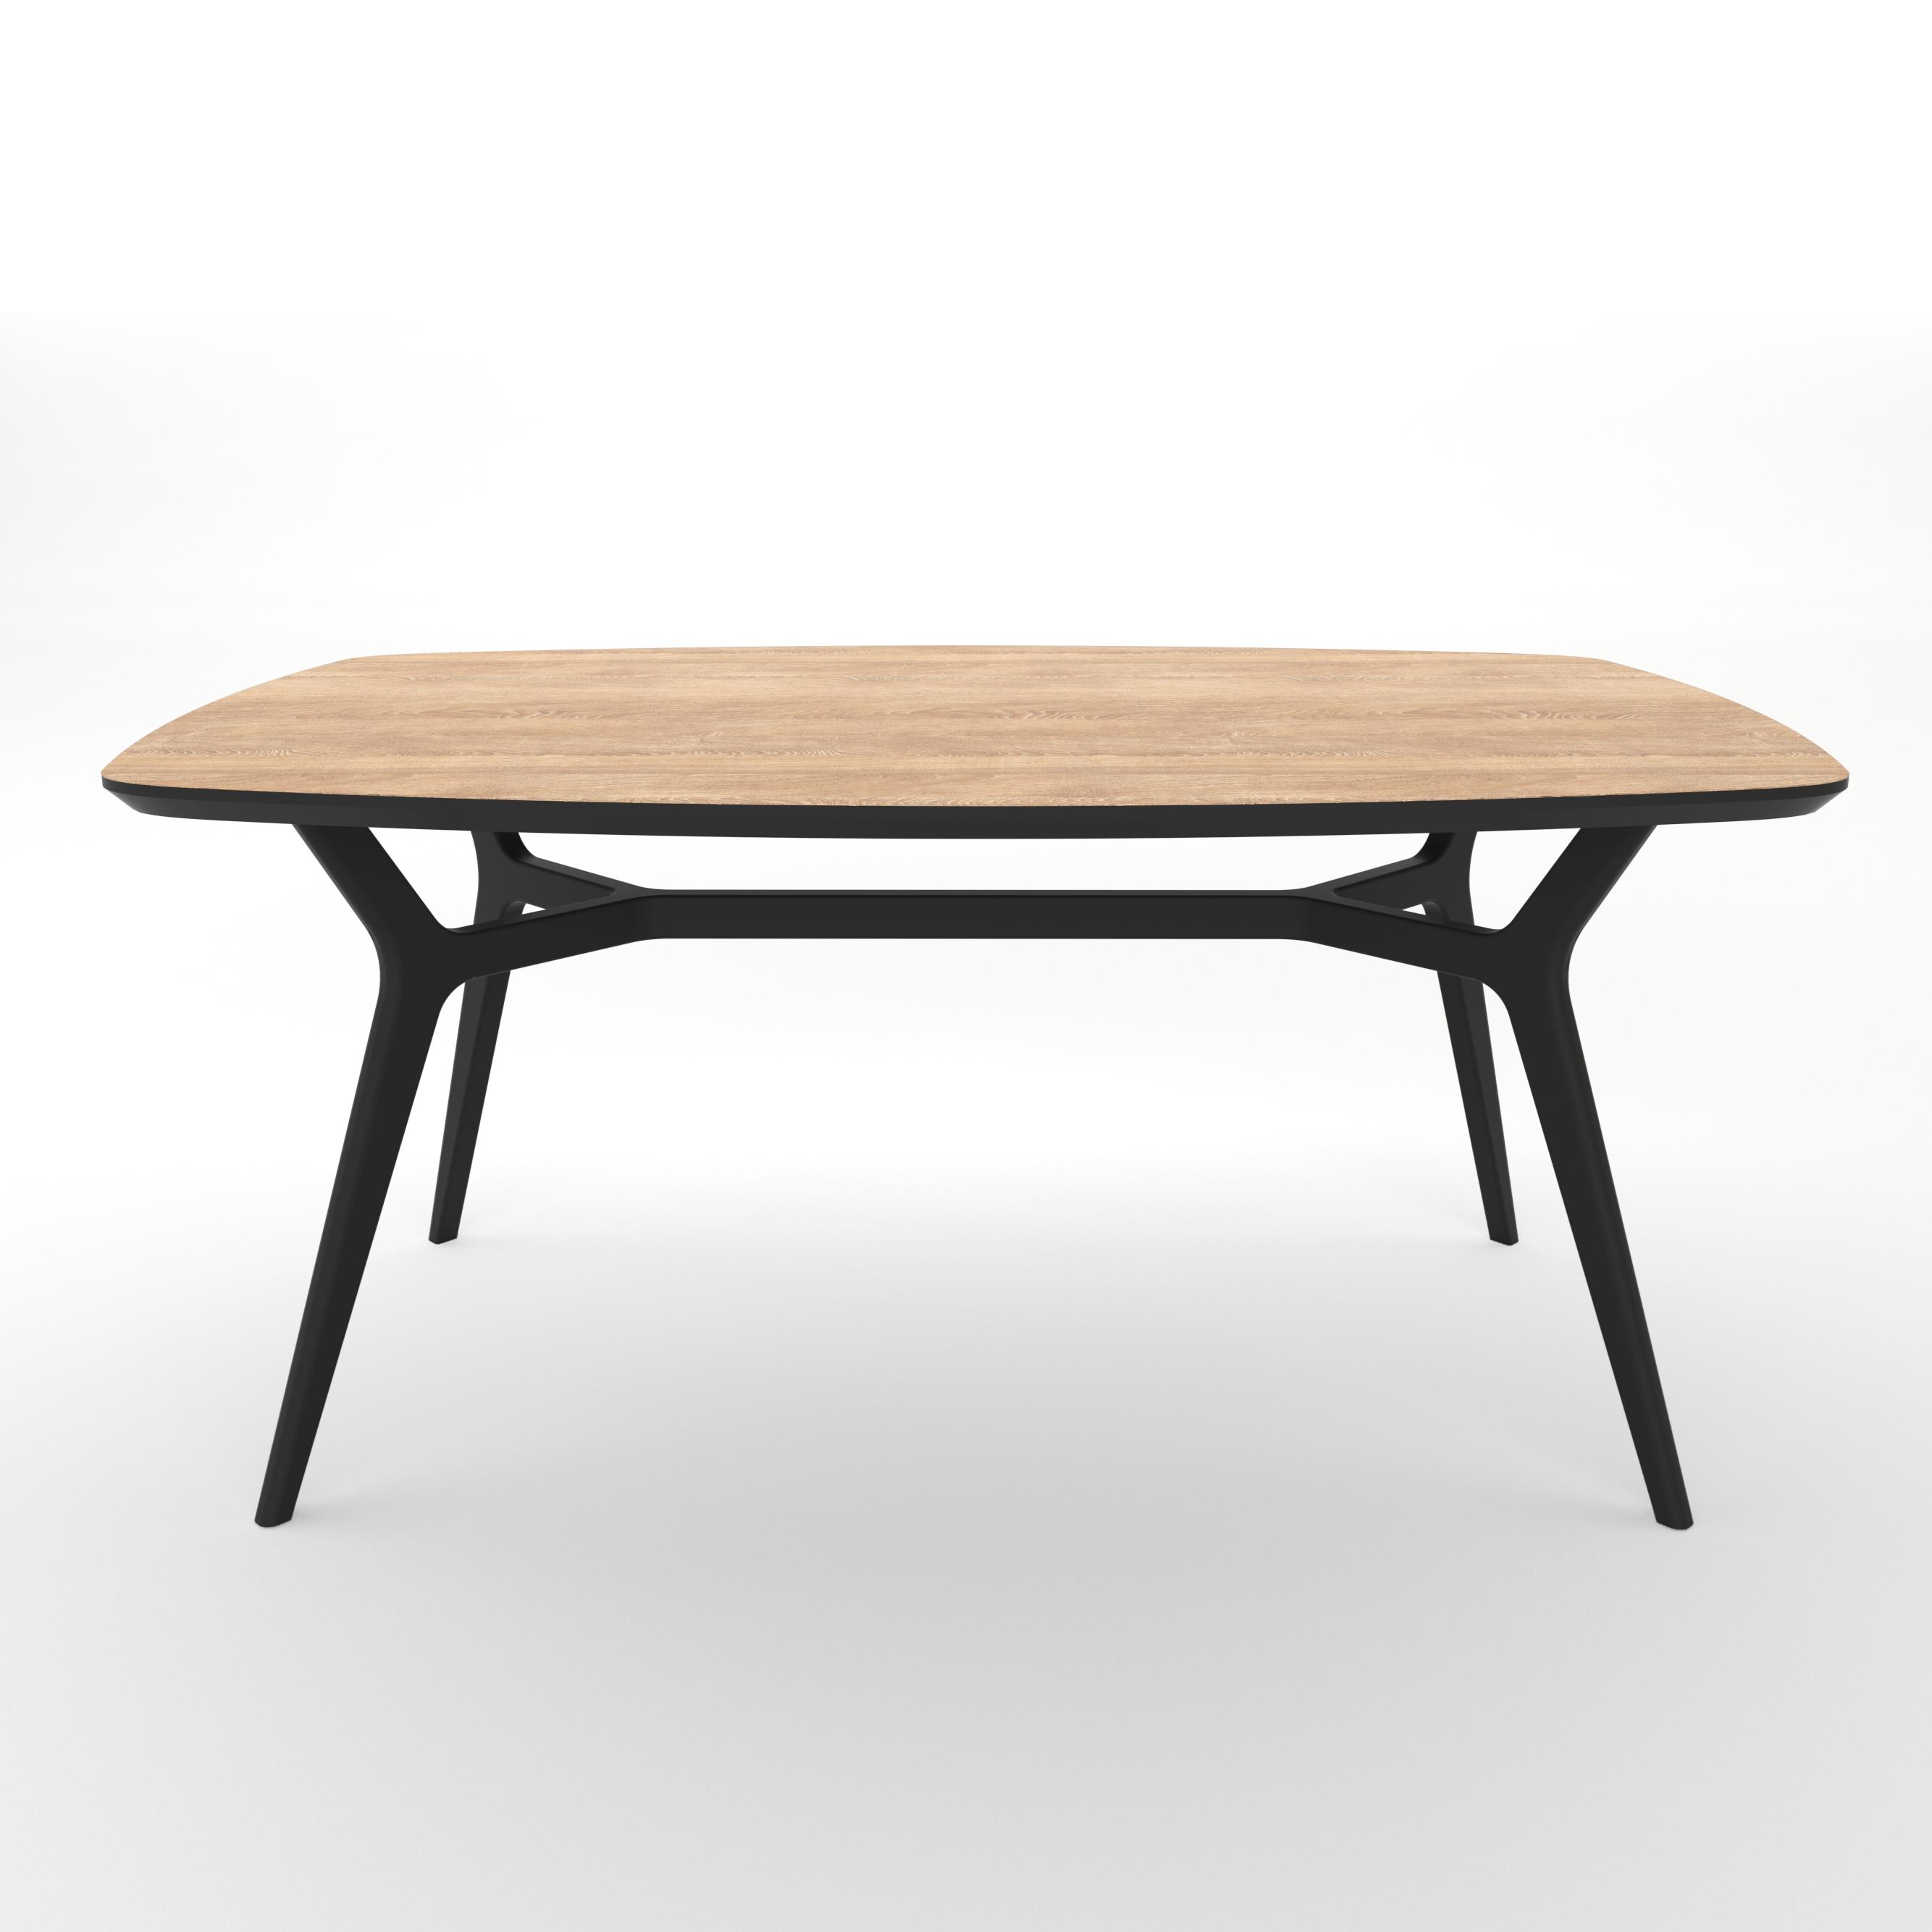 Стол JohannОбеденные столы<br>Тщательная проработка деталей и пропорций стола позволяет ему идеально вписаться в любой интерьер.&amp;lt;div&amp;gt;&amp;lt;br&amp;gt;&amp;lt;/div&amp;gt;&amp;lt;div&amp;gt;Отделка столешницы шпоном дуба, подстолье выкрашено в цвет графит. Сборка не требуется.&amp;lt;/div&amp;gt;<br><br>Material: МДФ<br>Ширина см: 140<br>Высота см: 75<br>Глубина см: 90